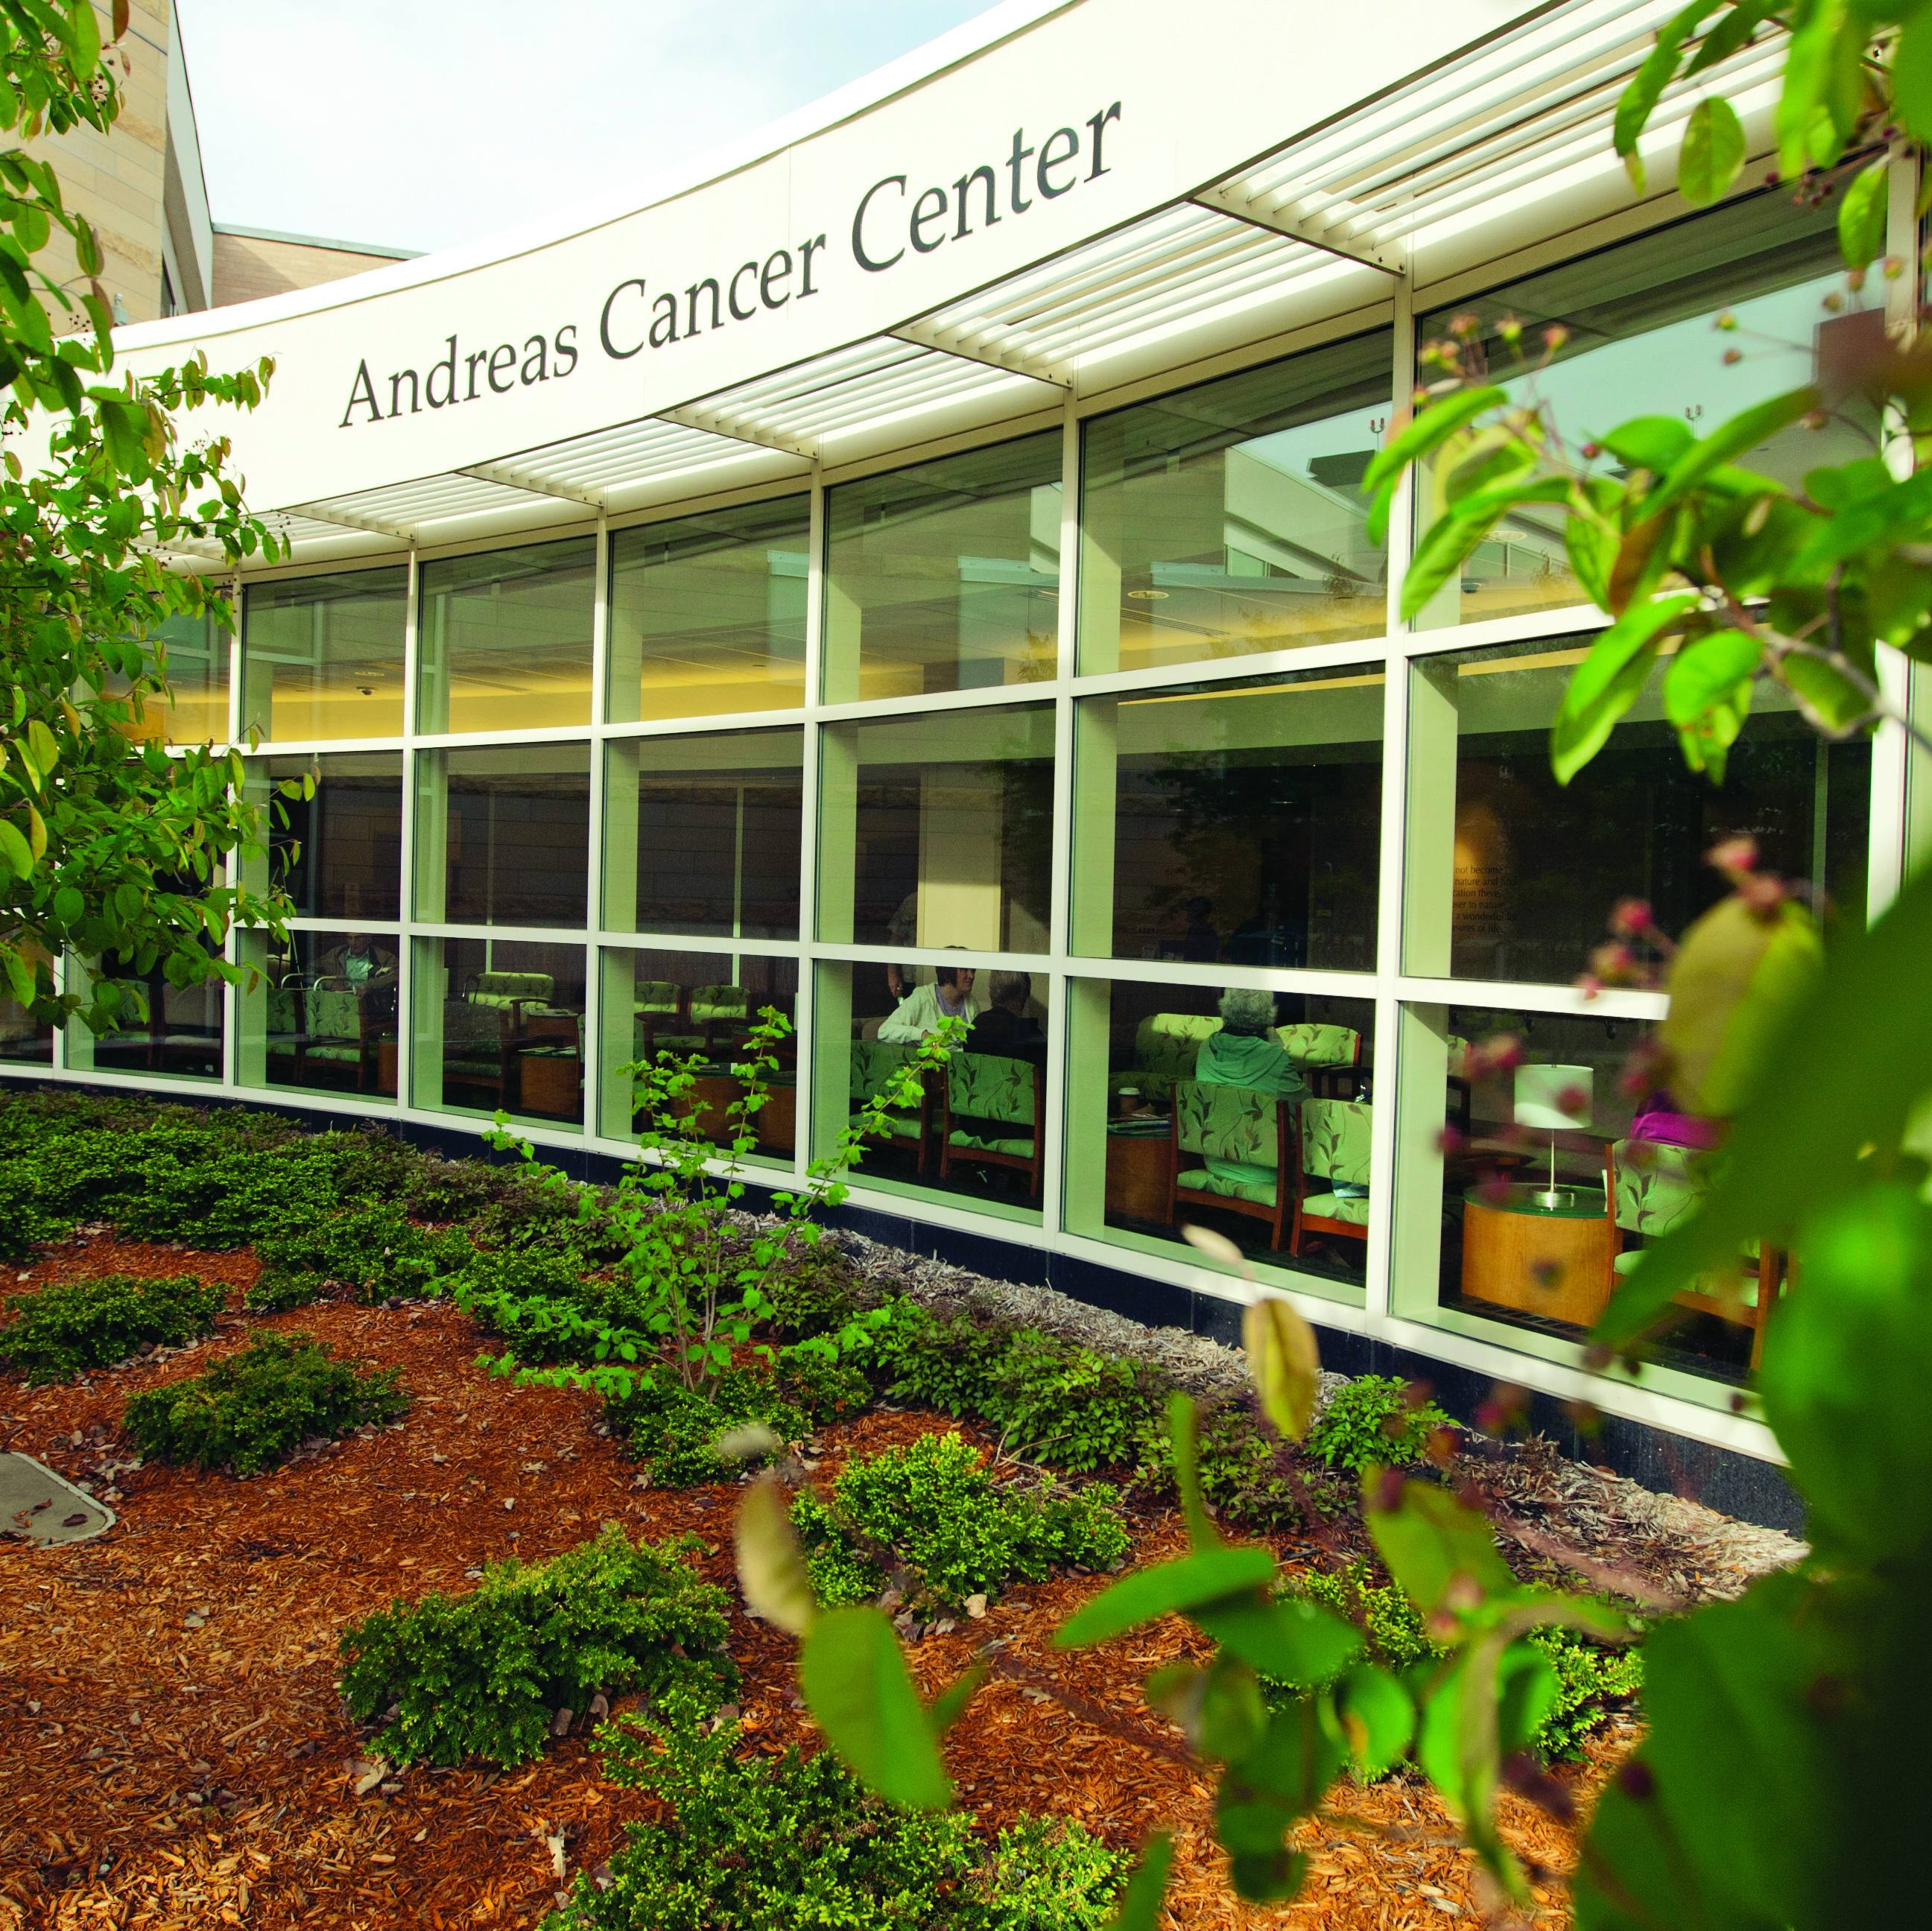 Andreas Cancer Center in Mankato, Minn.